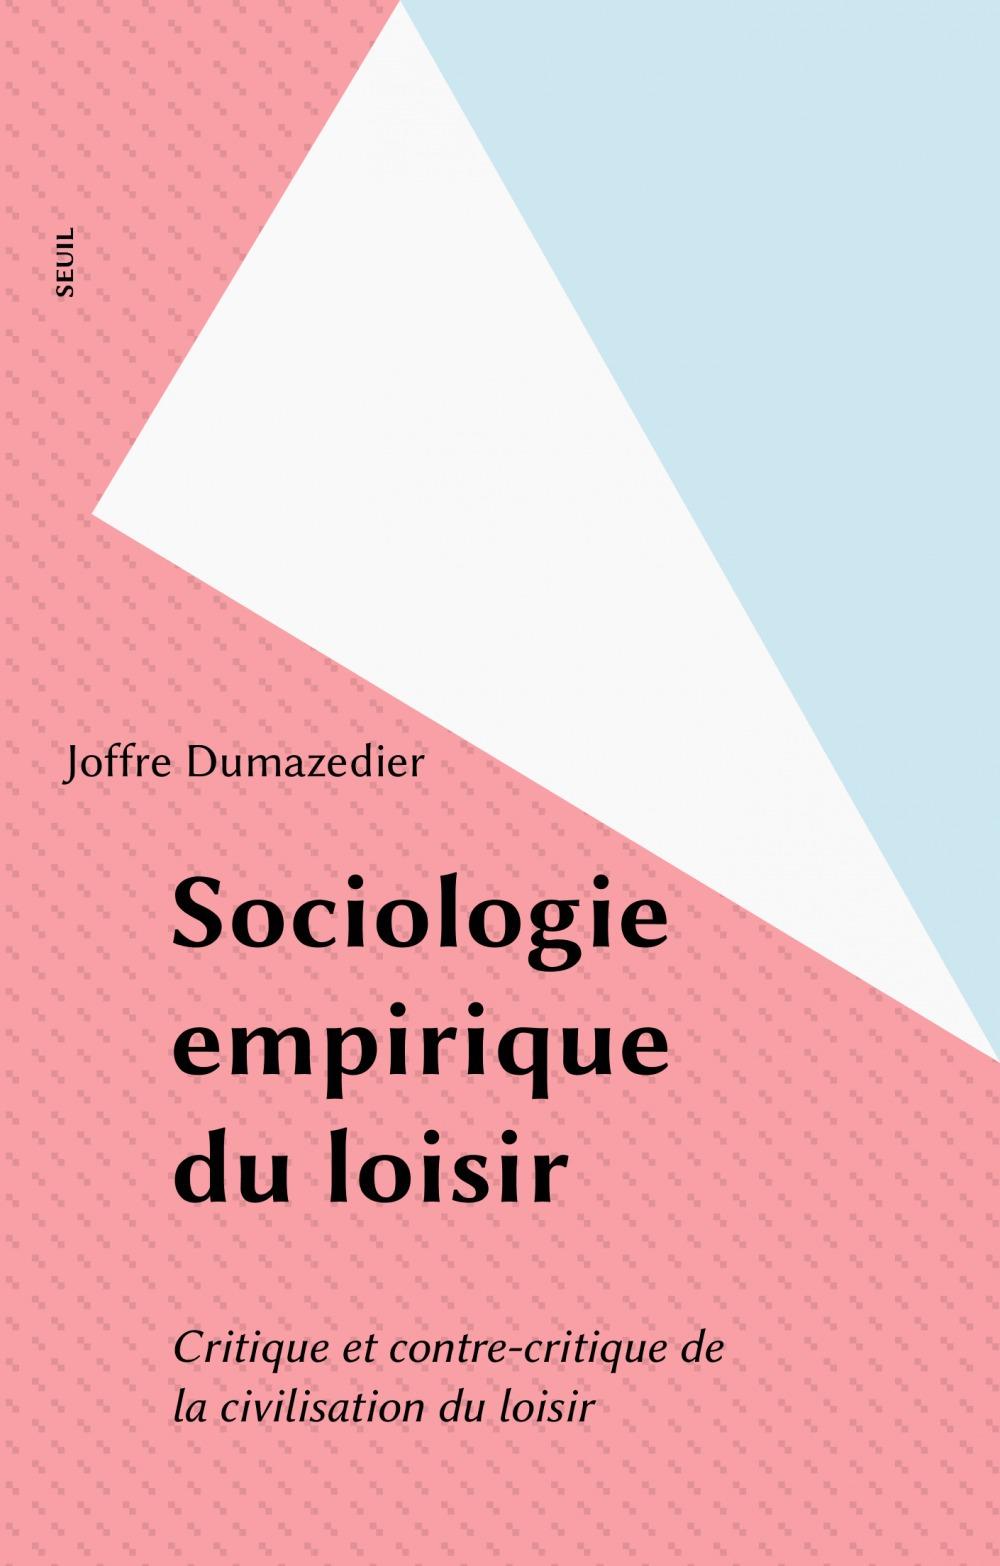 Sociologie empirique du loisir. critique et contre-critique de la civilisation du loisir